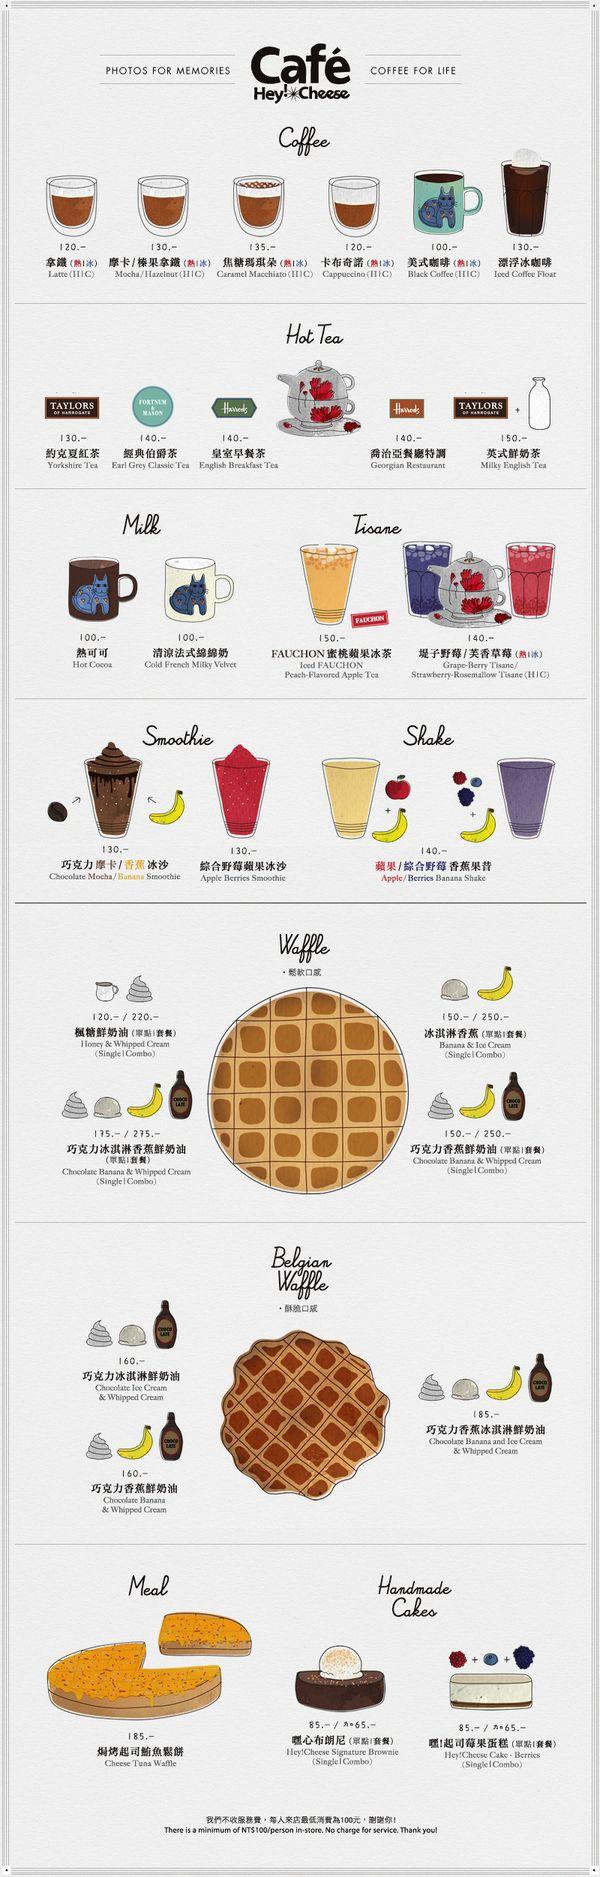 original menu design ideas 4